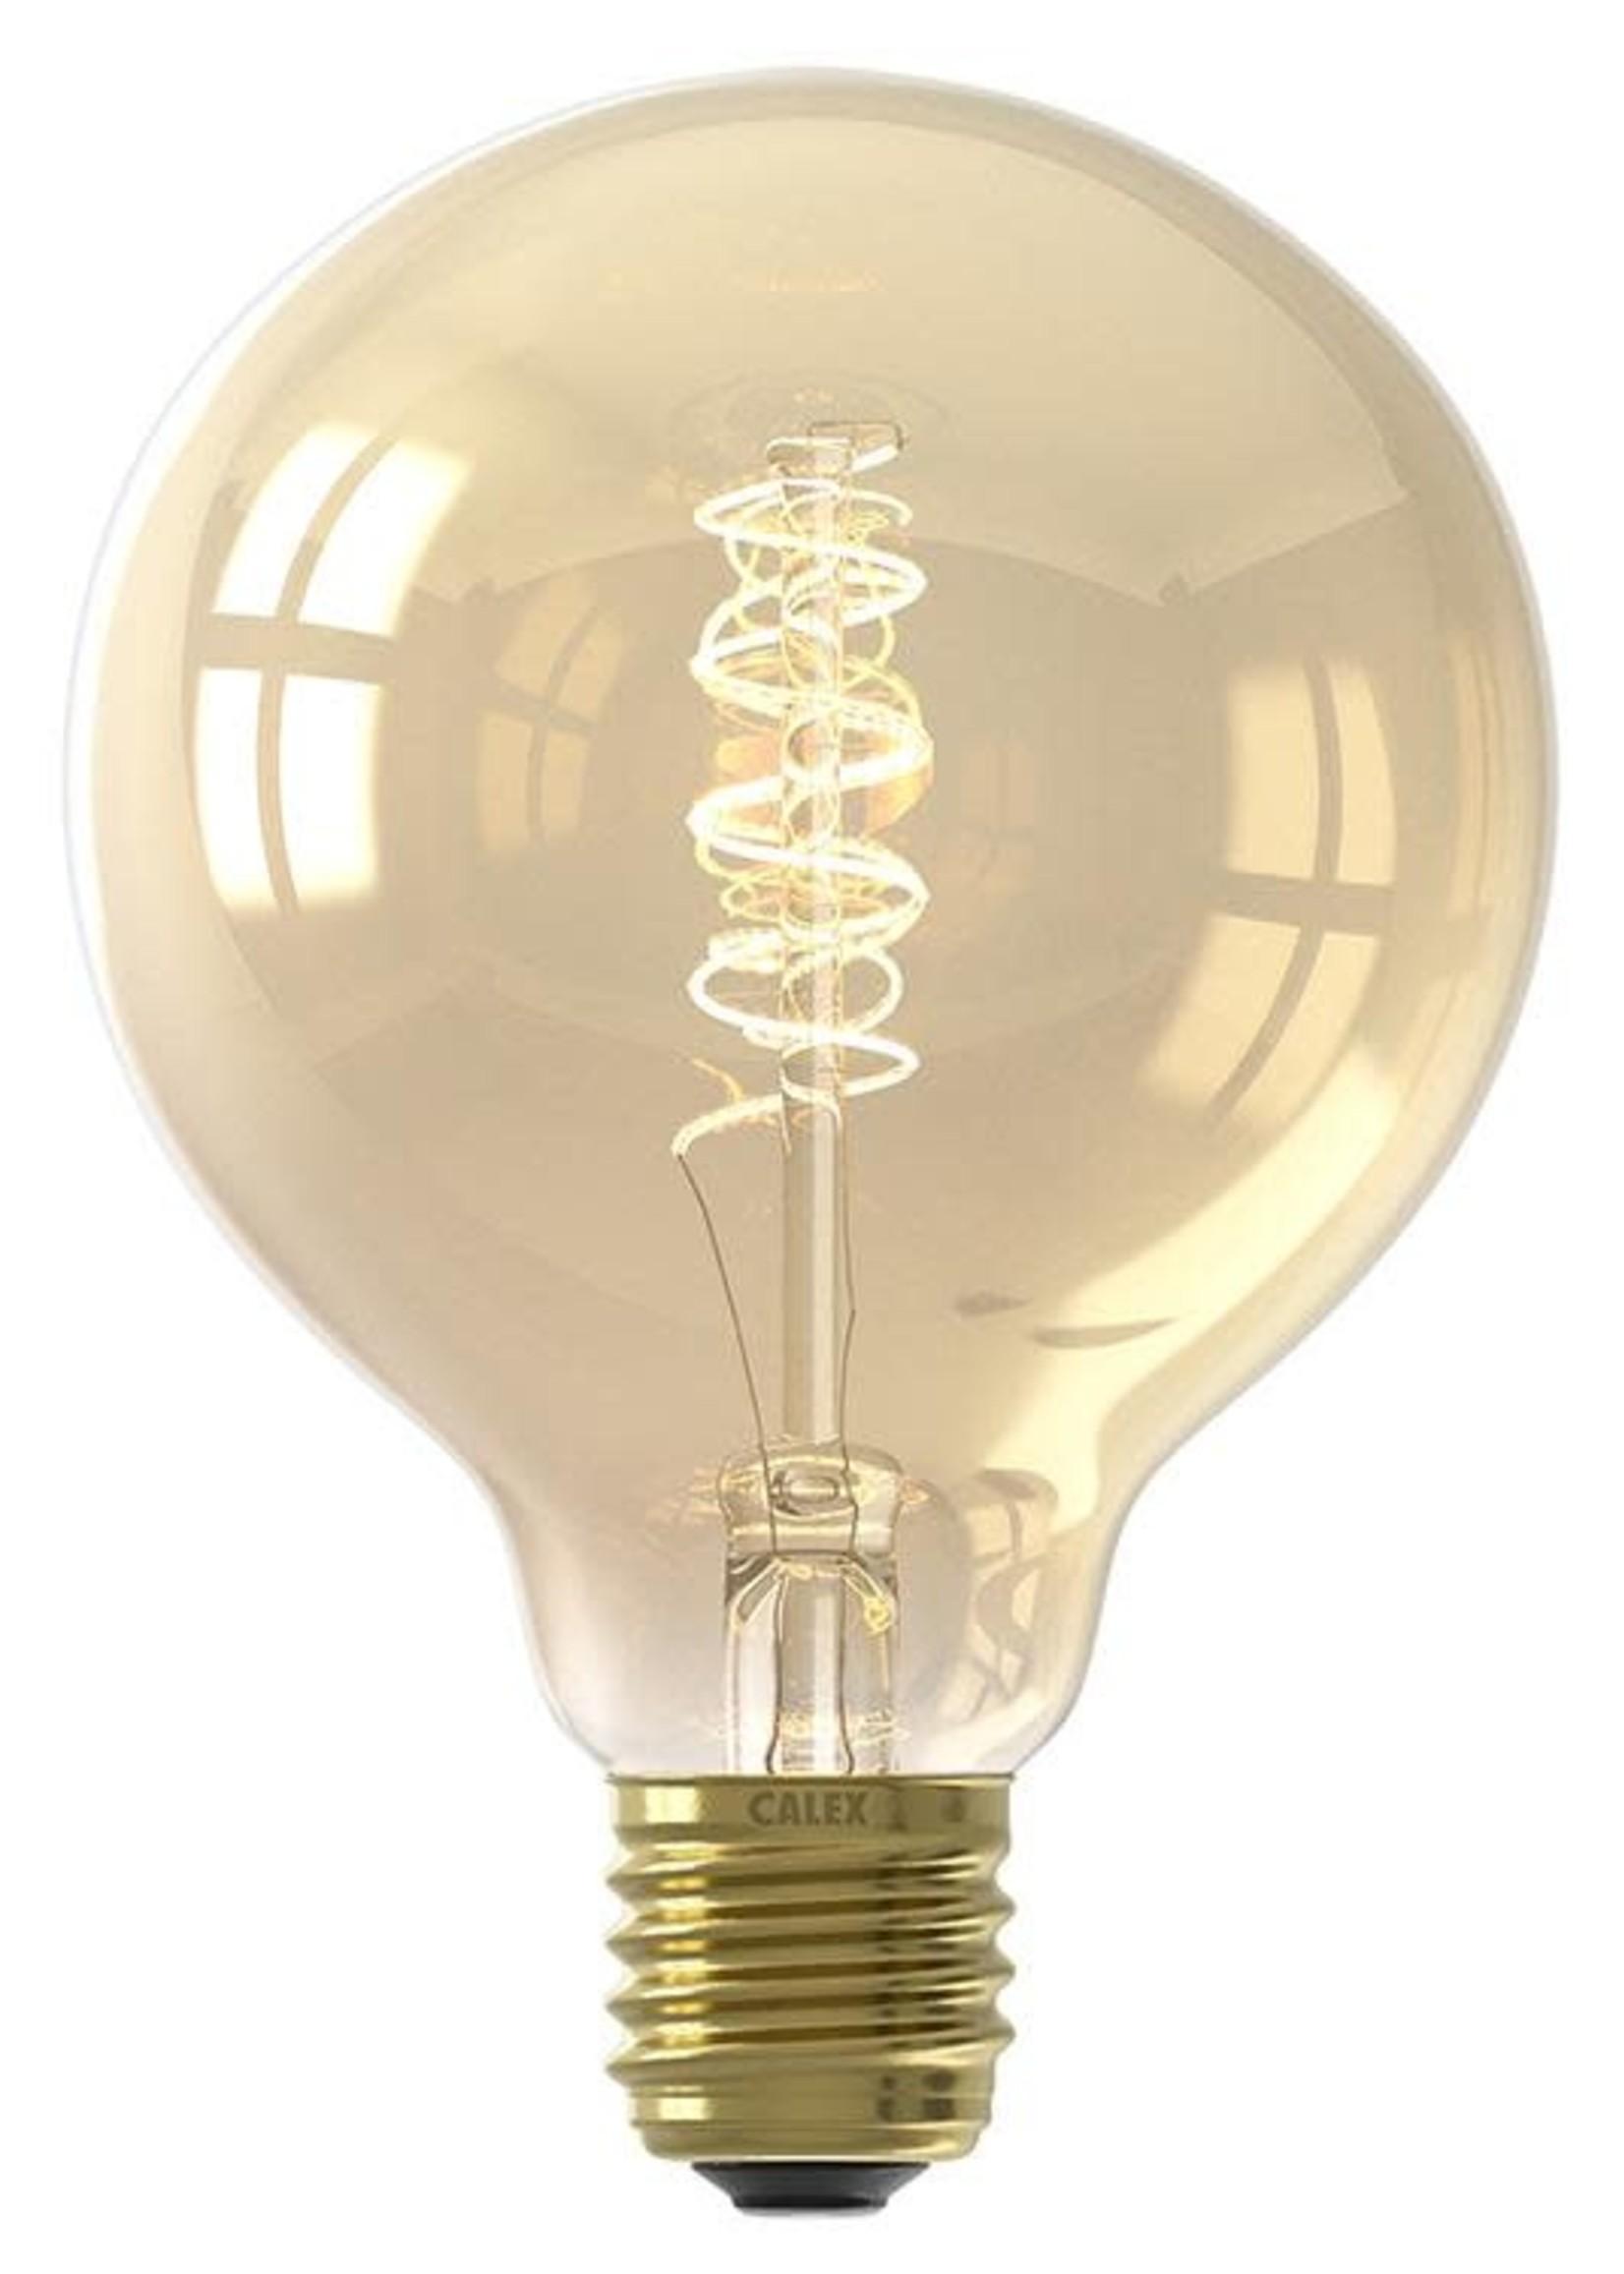 Calex Calex LED volglas Flex Filament Globelamp 220-240V 4W 200lm E27 G125, Goud 2100K Dimbaar, energielabel A